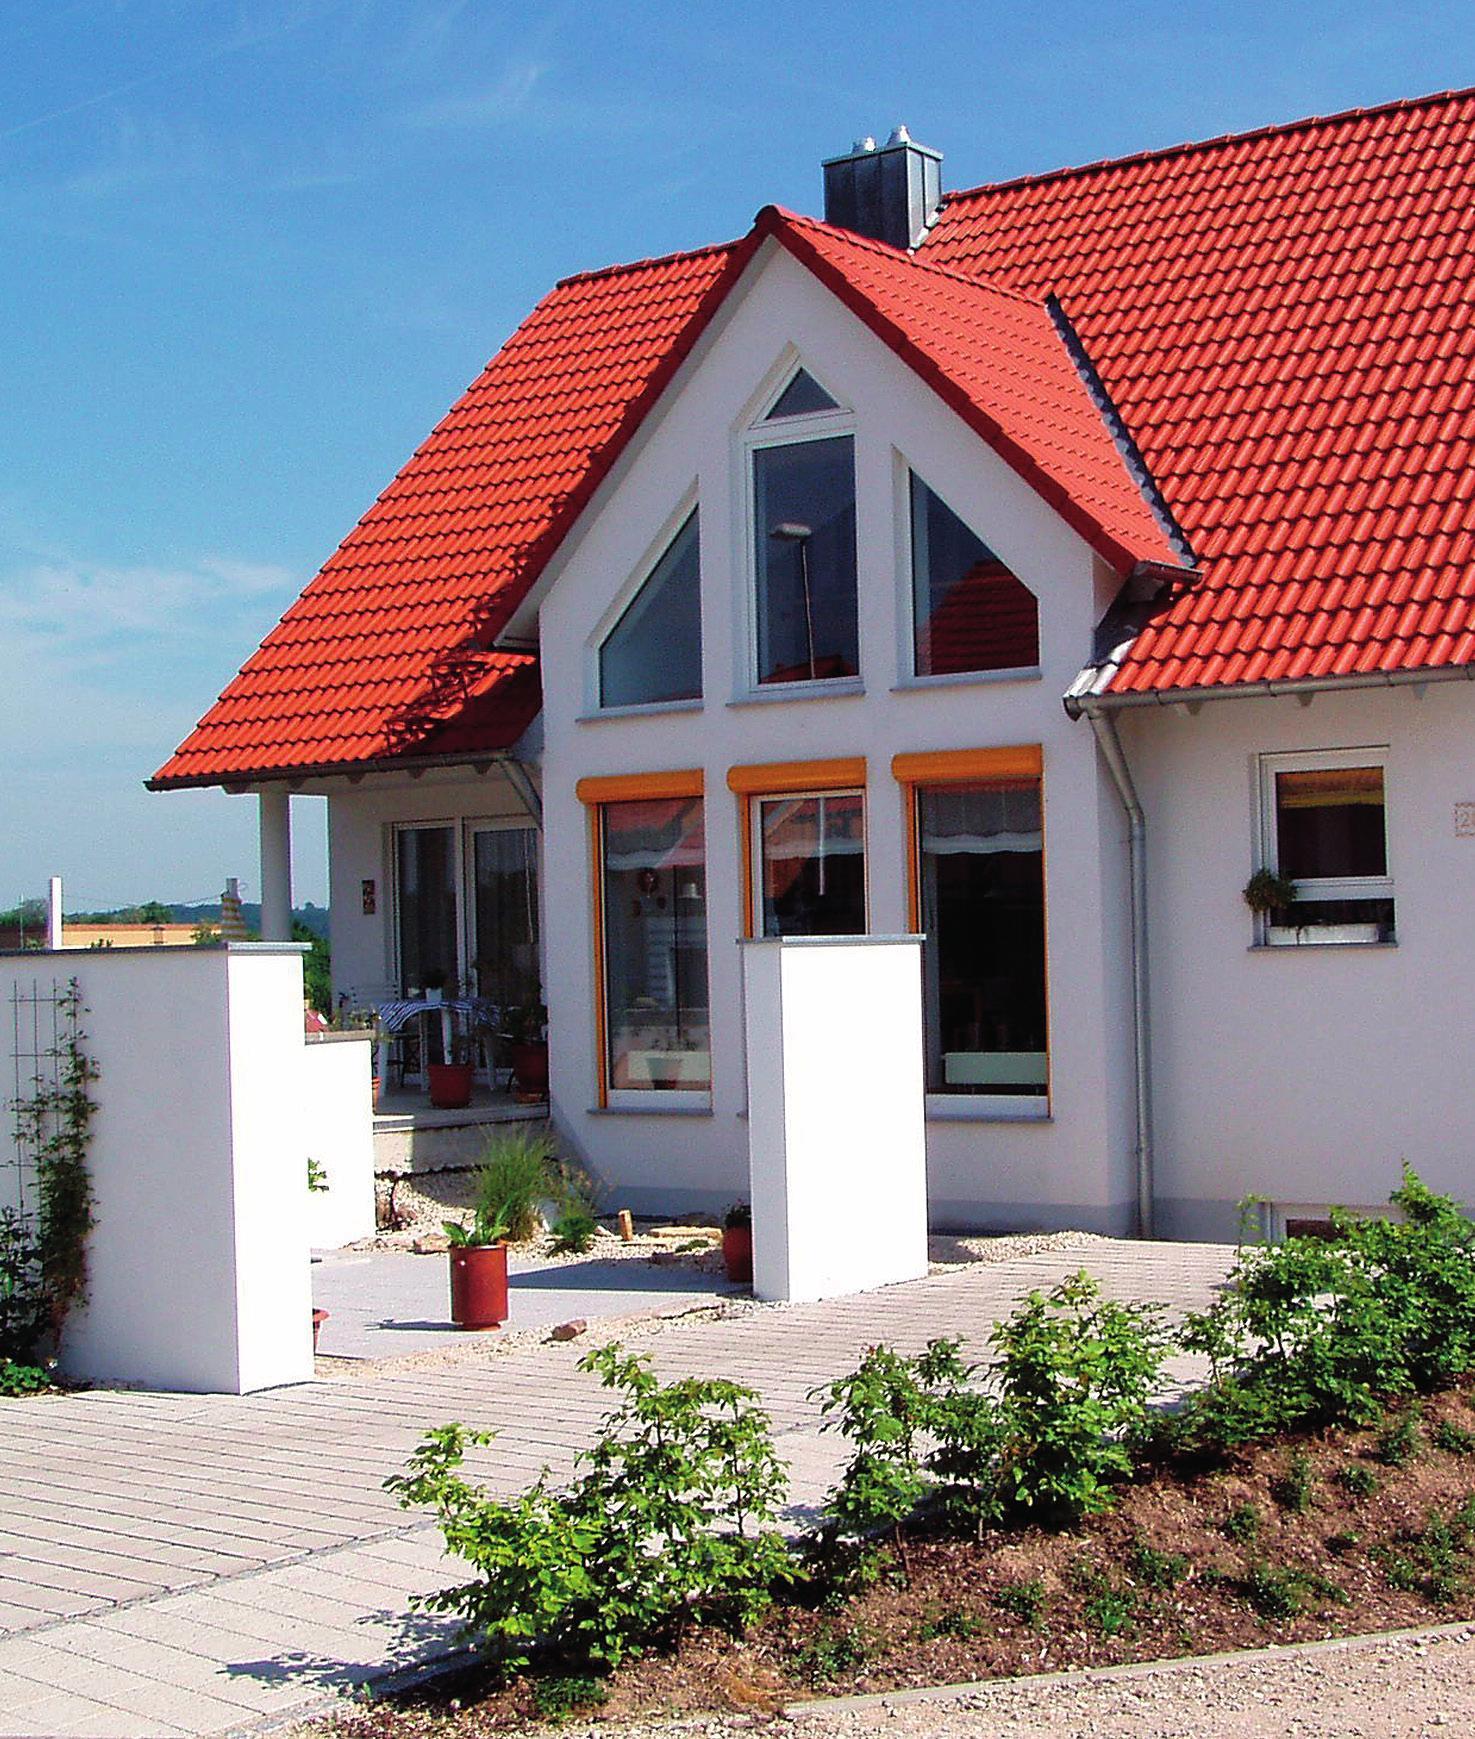 Ein Neubau kann nach den persönlichen Wünschen der Hausbesitzer gestaltet werden.